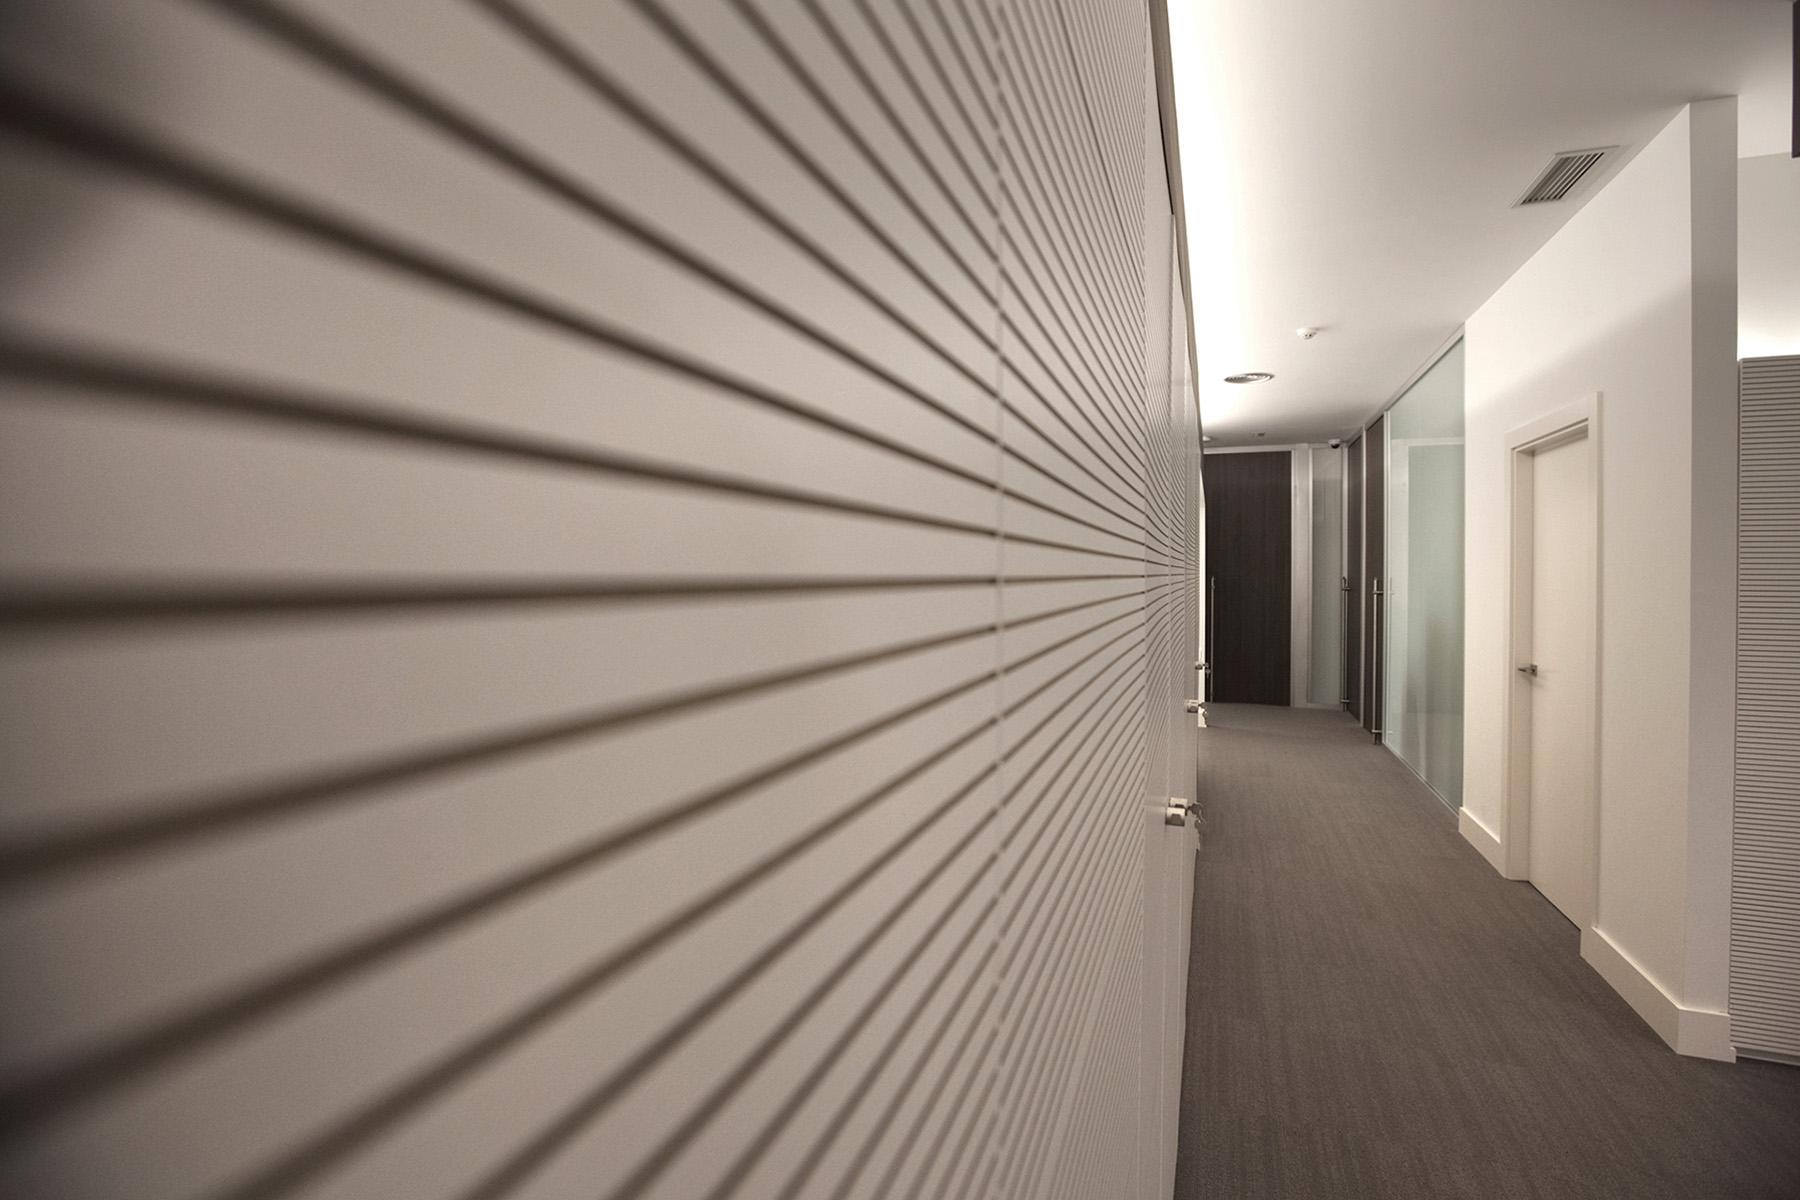 03 Arcain oficina pasillos verno